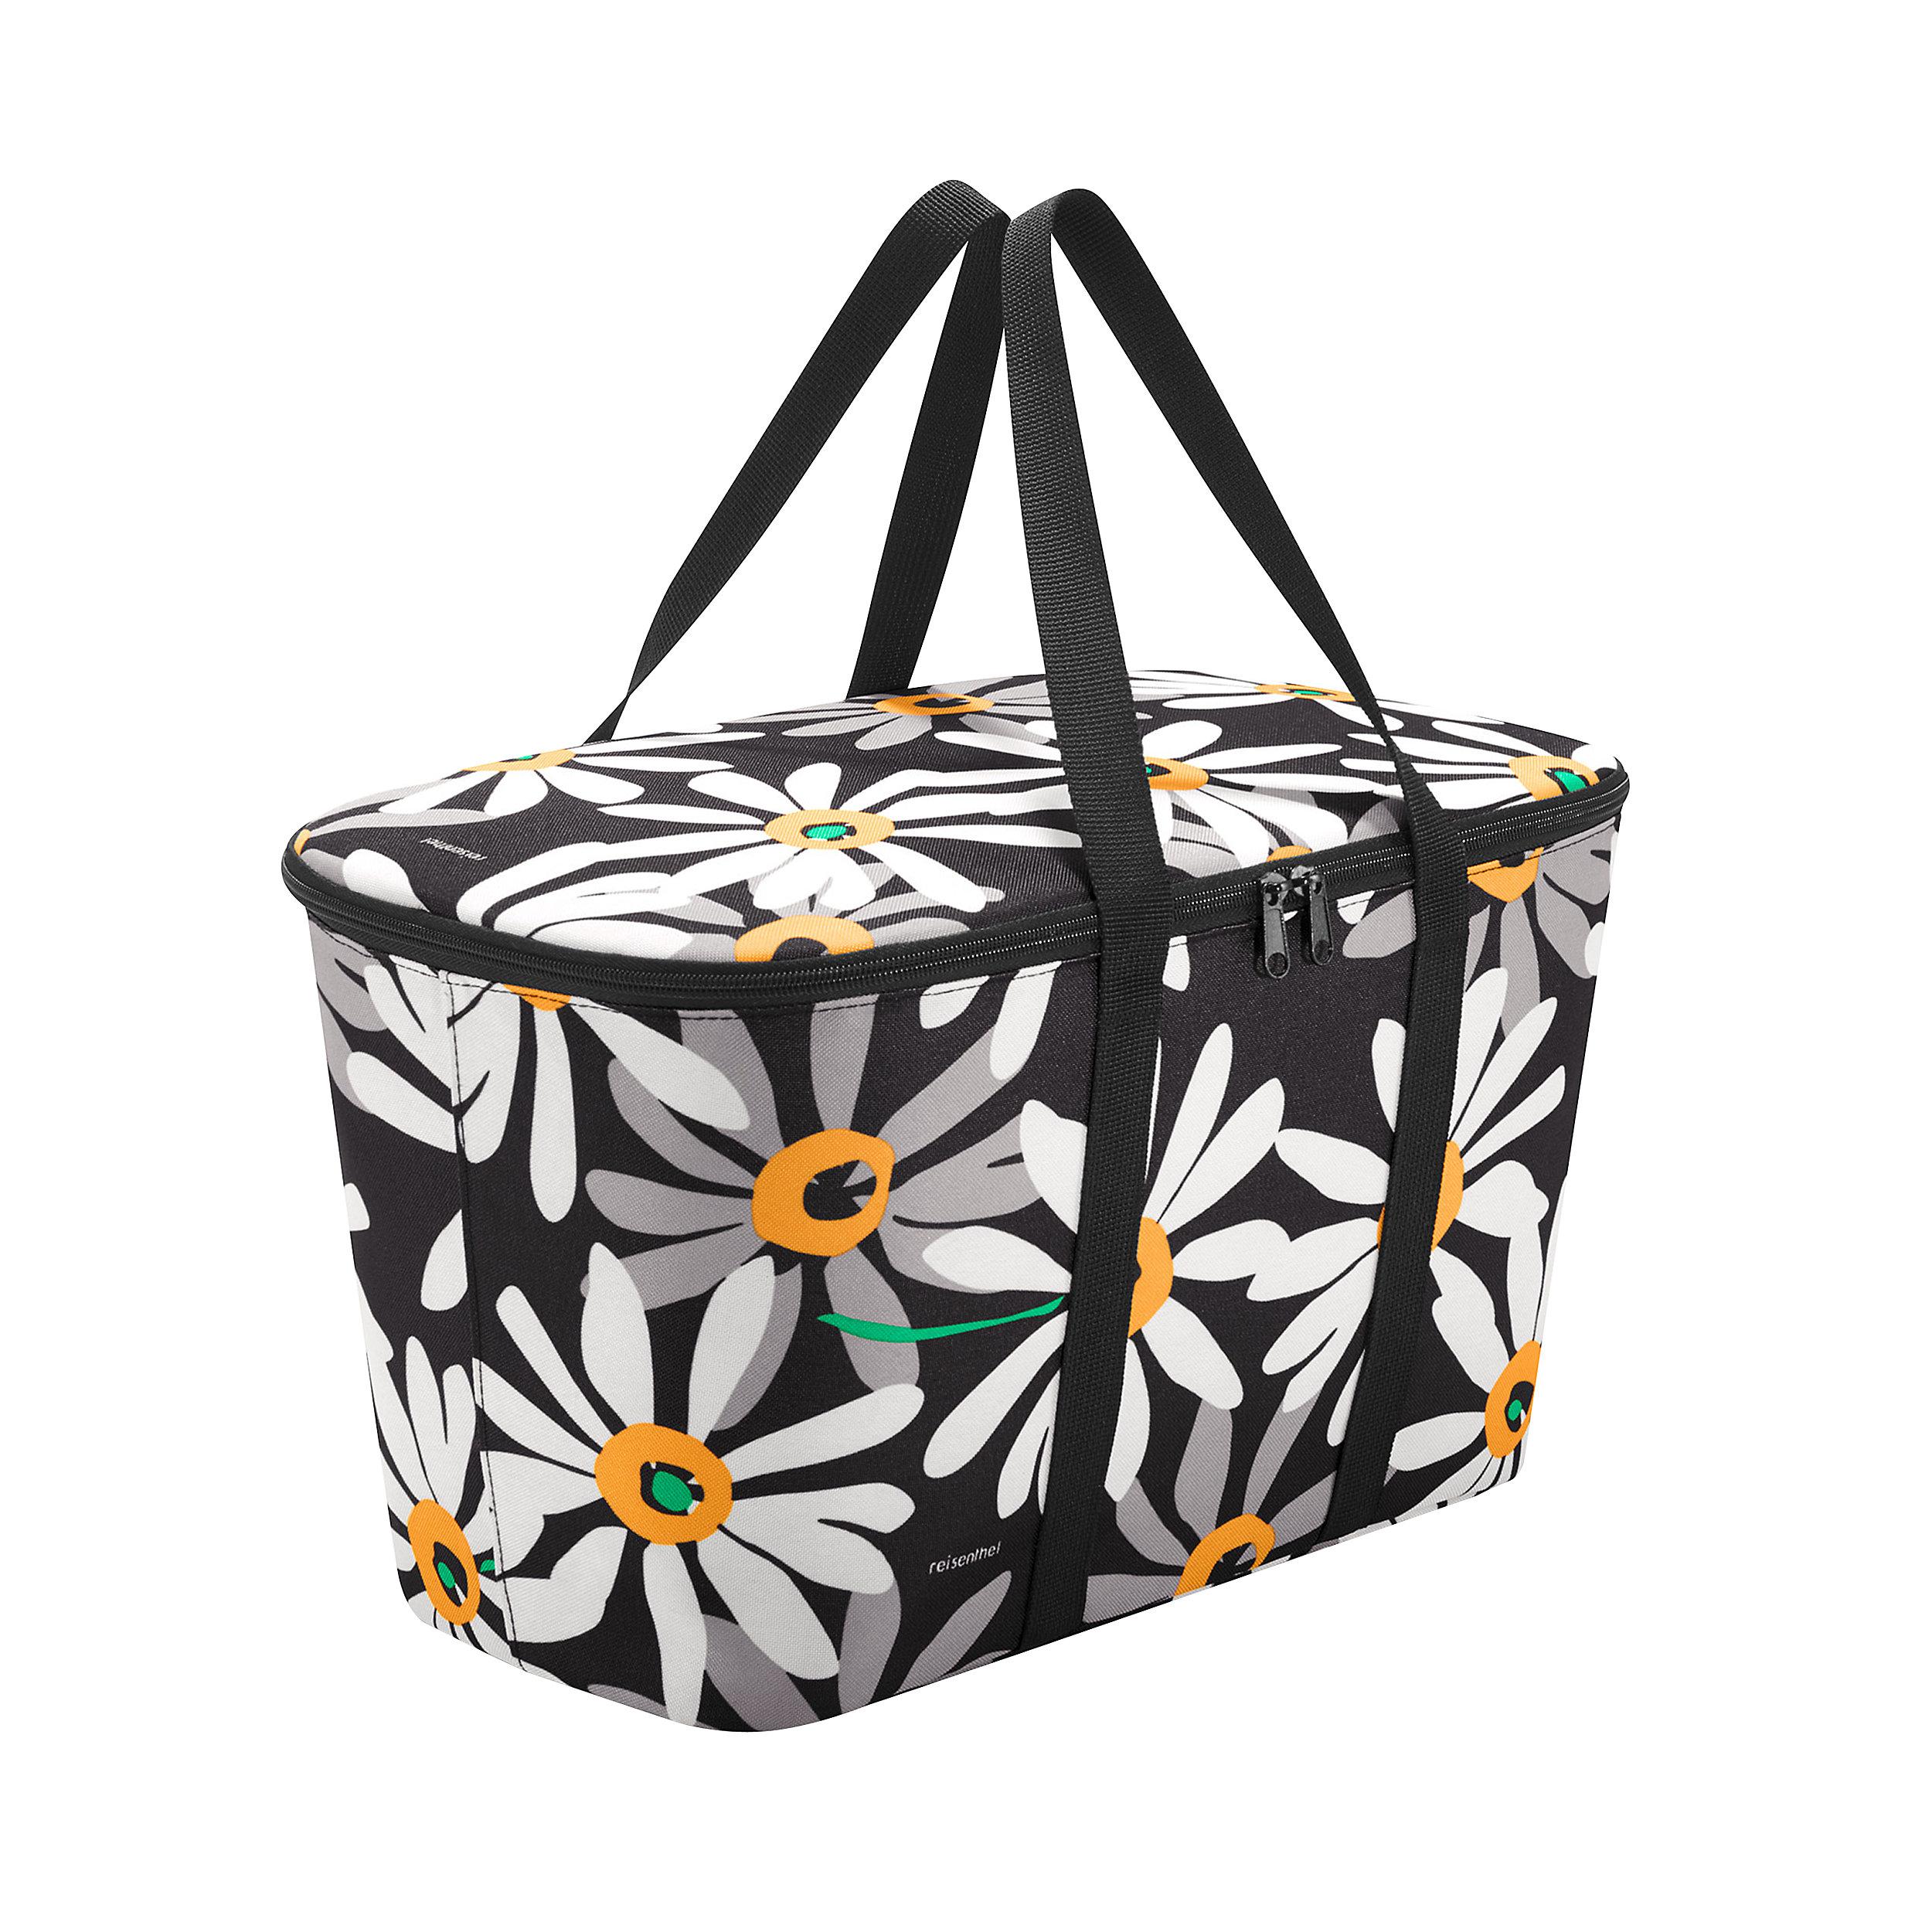 Coolerbag Shopping 20 Liter